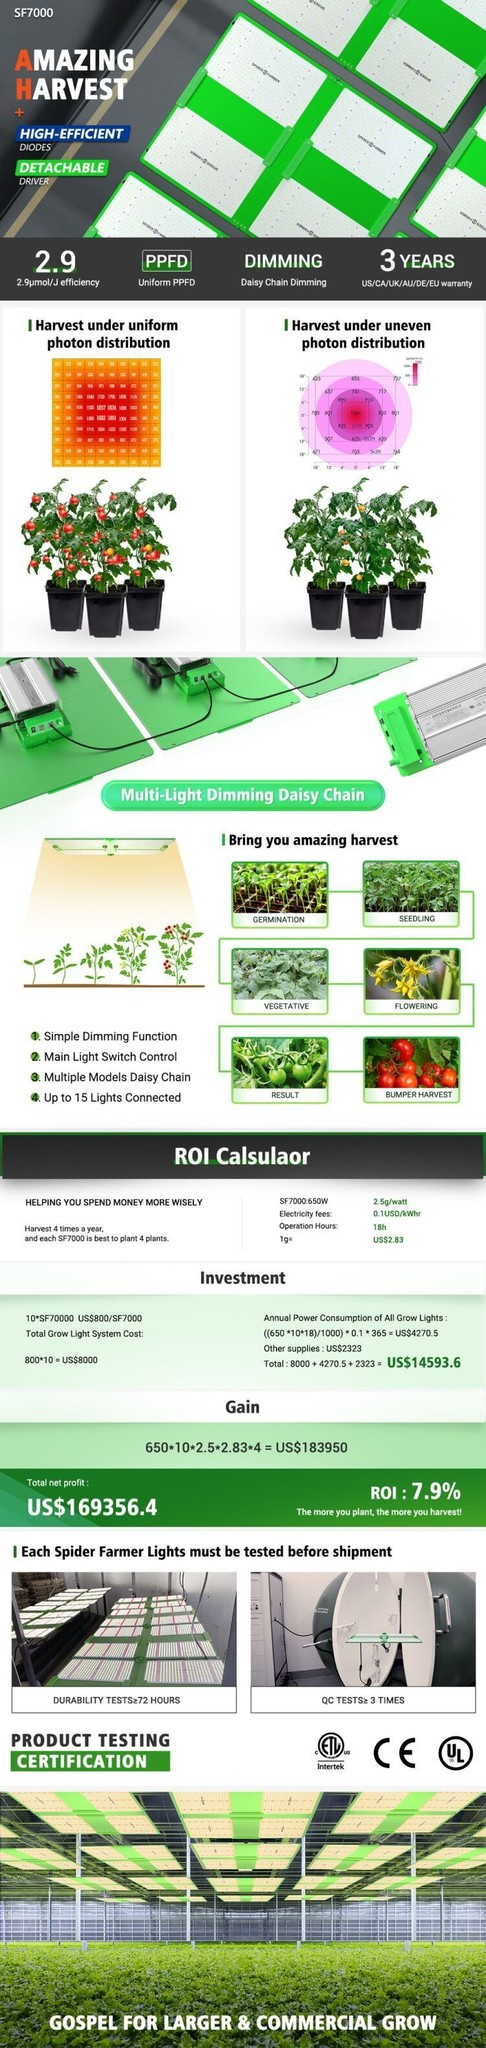 Spider Farmer Spider Farmer - SF7000 Foldable Led Grow Light Sunlike Full Spectrum Indoor Plant